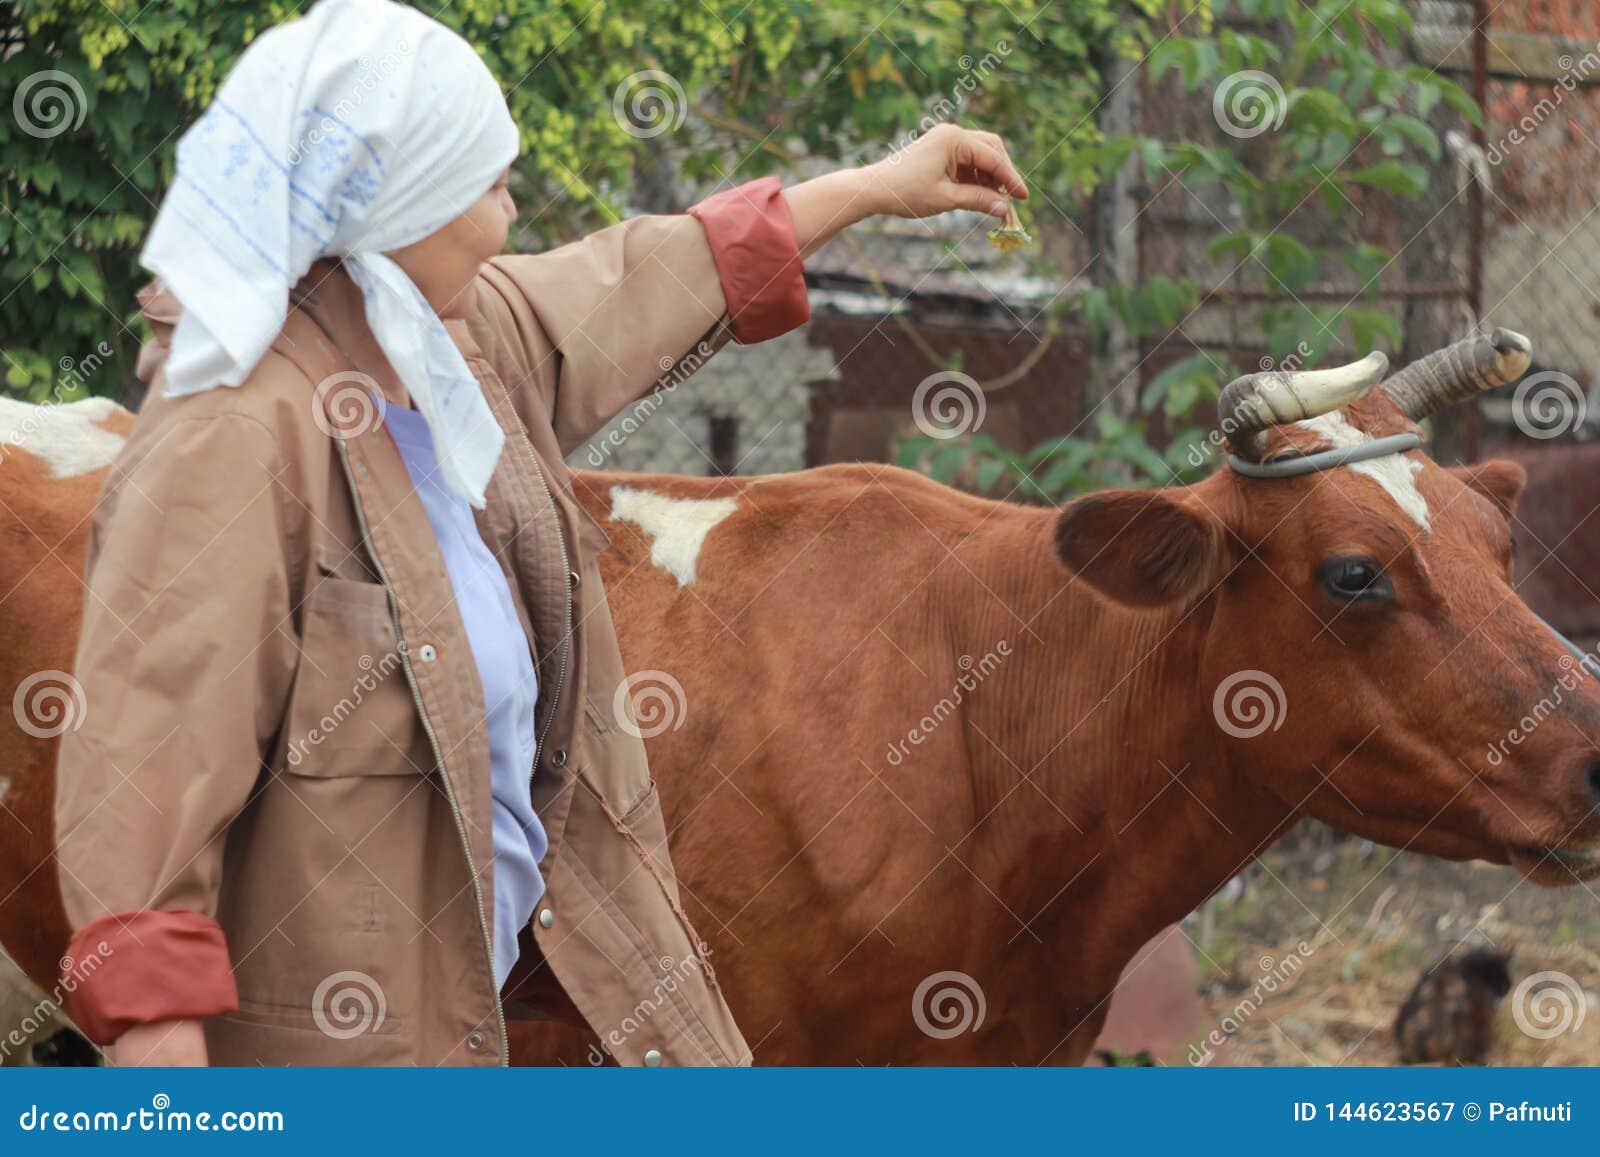 Kobiety średniorolny karmienie krowa Ñ  oncept: hodować